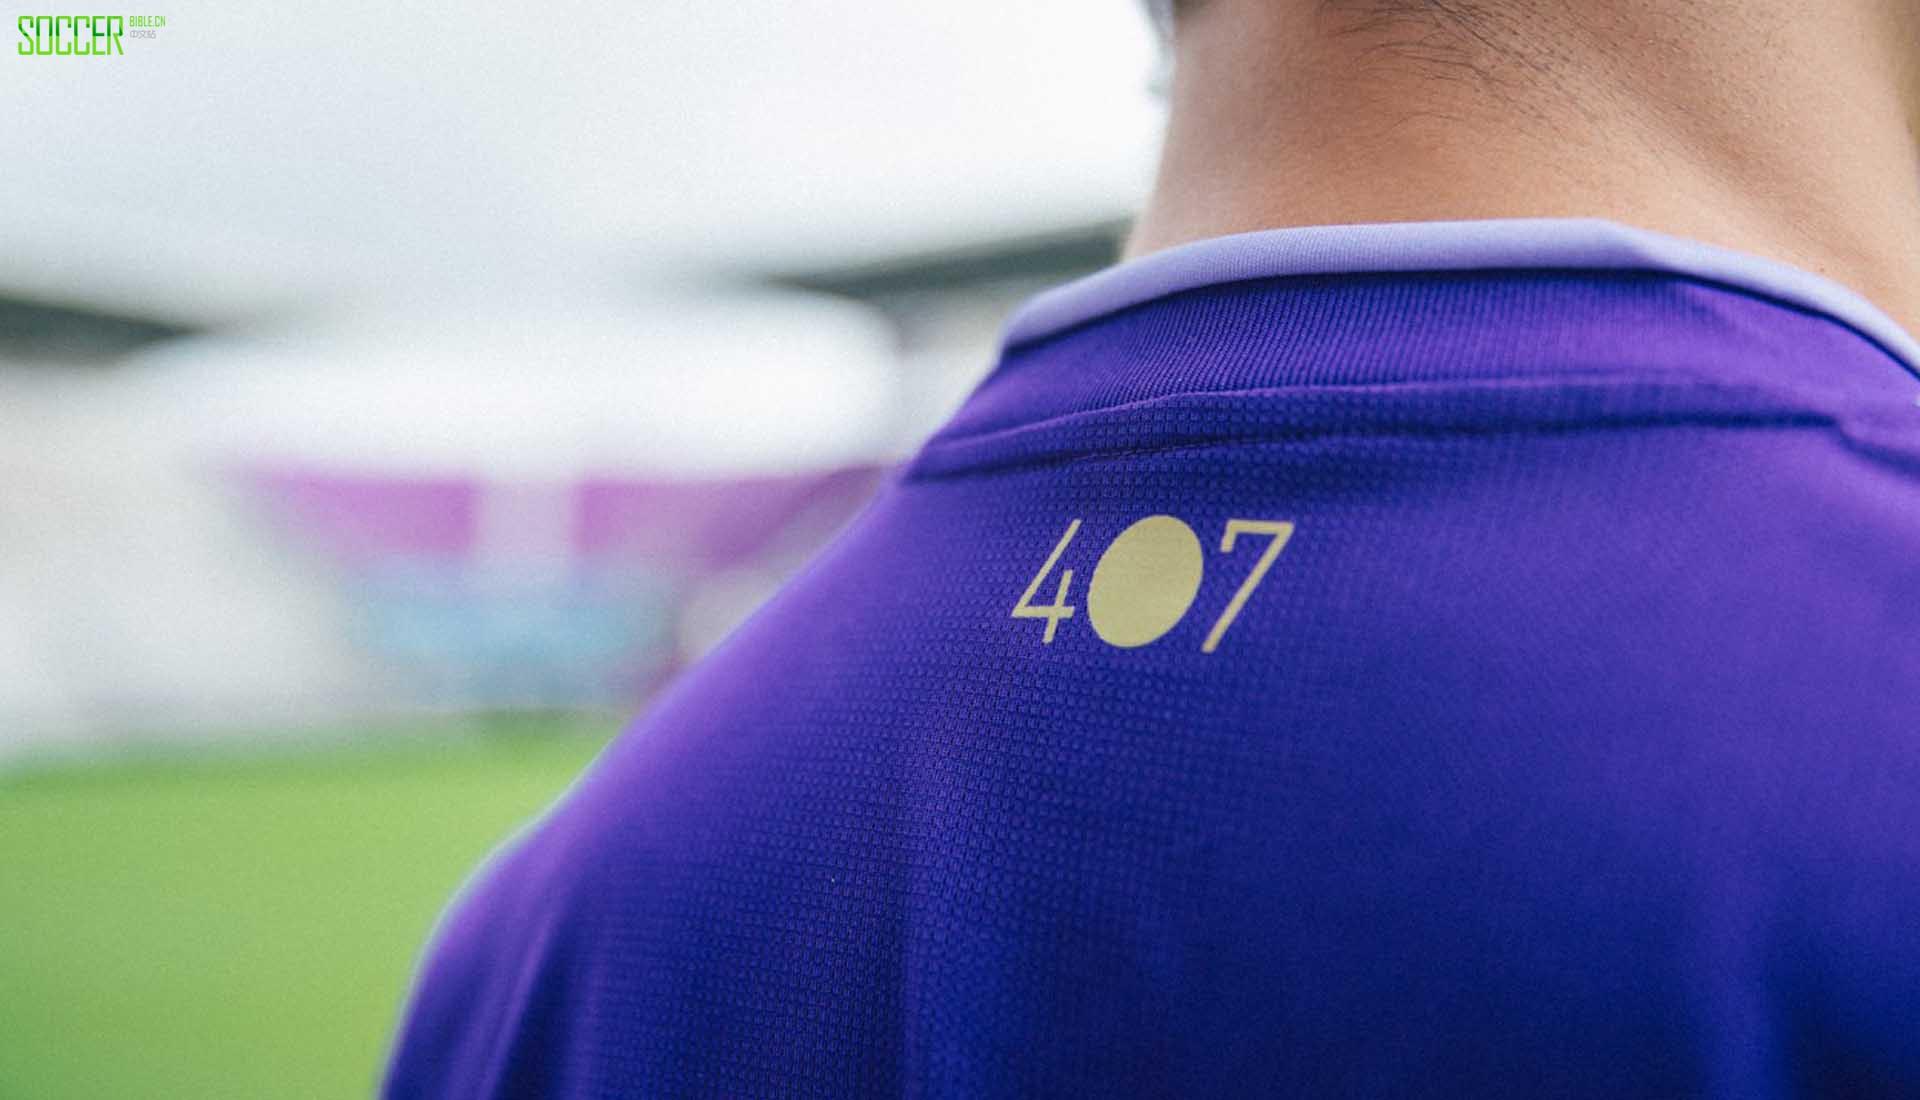 阿迪达斯发布2019MLS全明星球衣